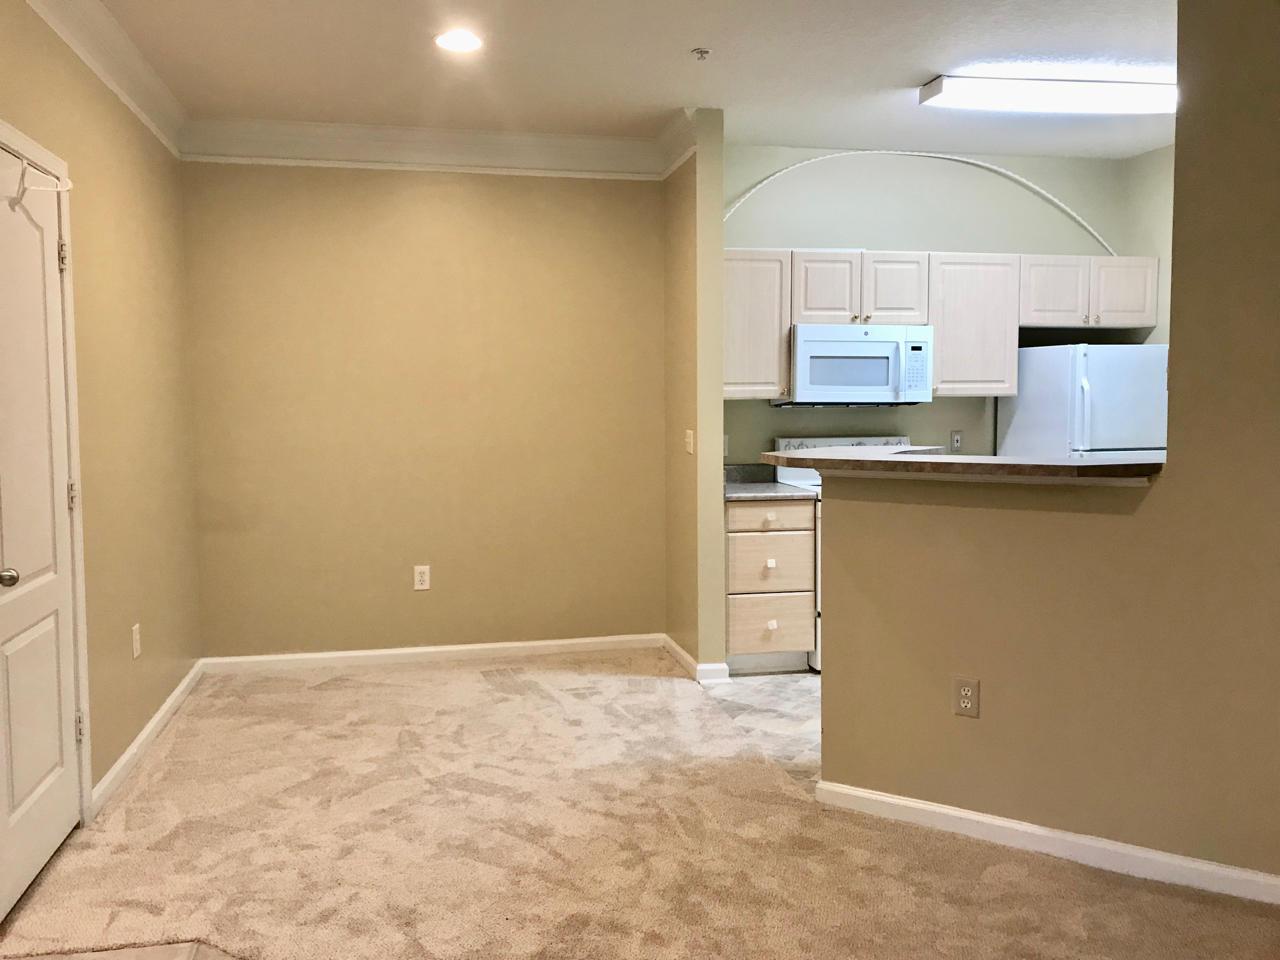 Home for sale 1300 Park West Blvd Boulevard, Park West, Mt. Pleasant, SC